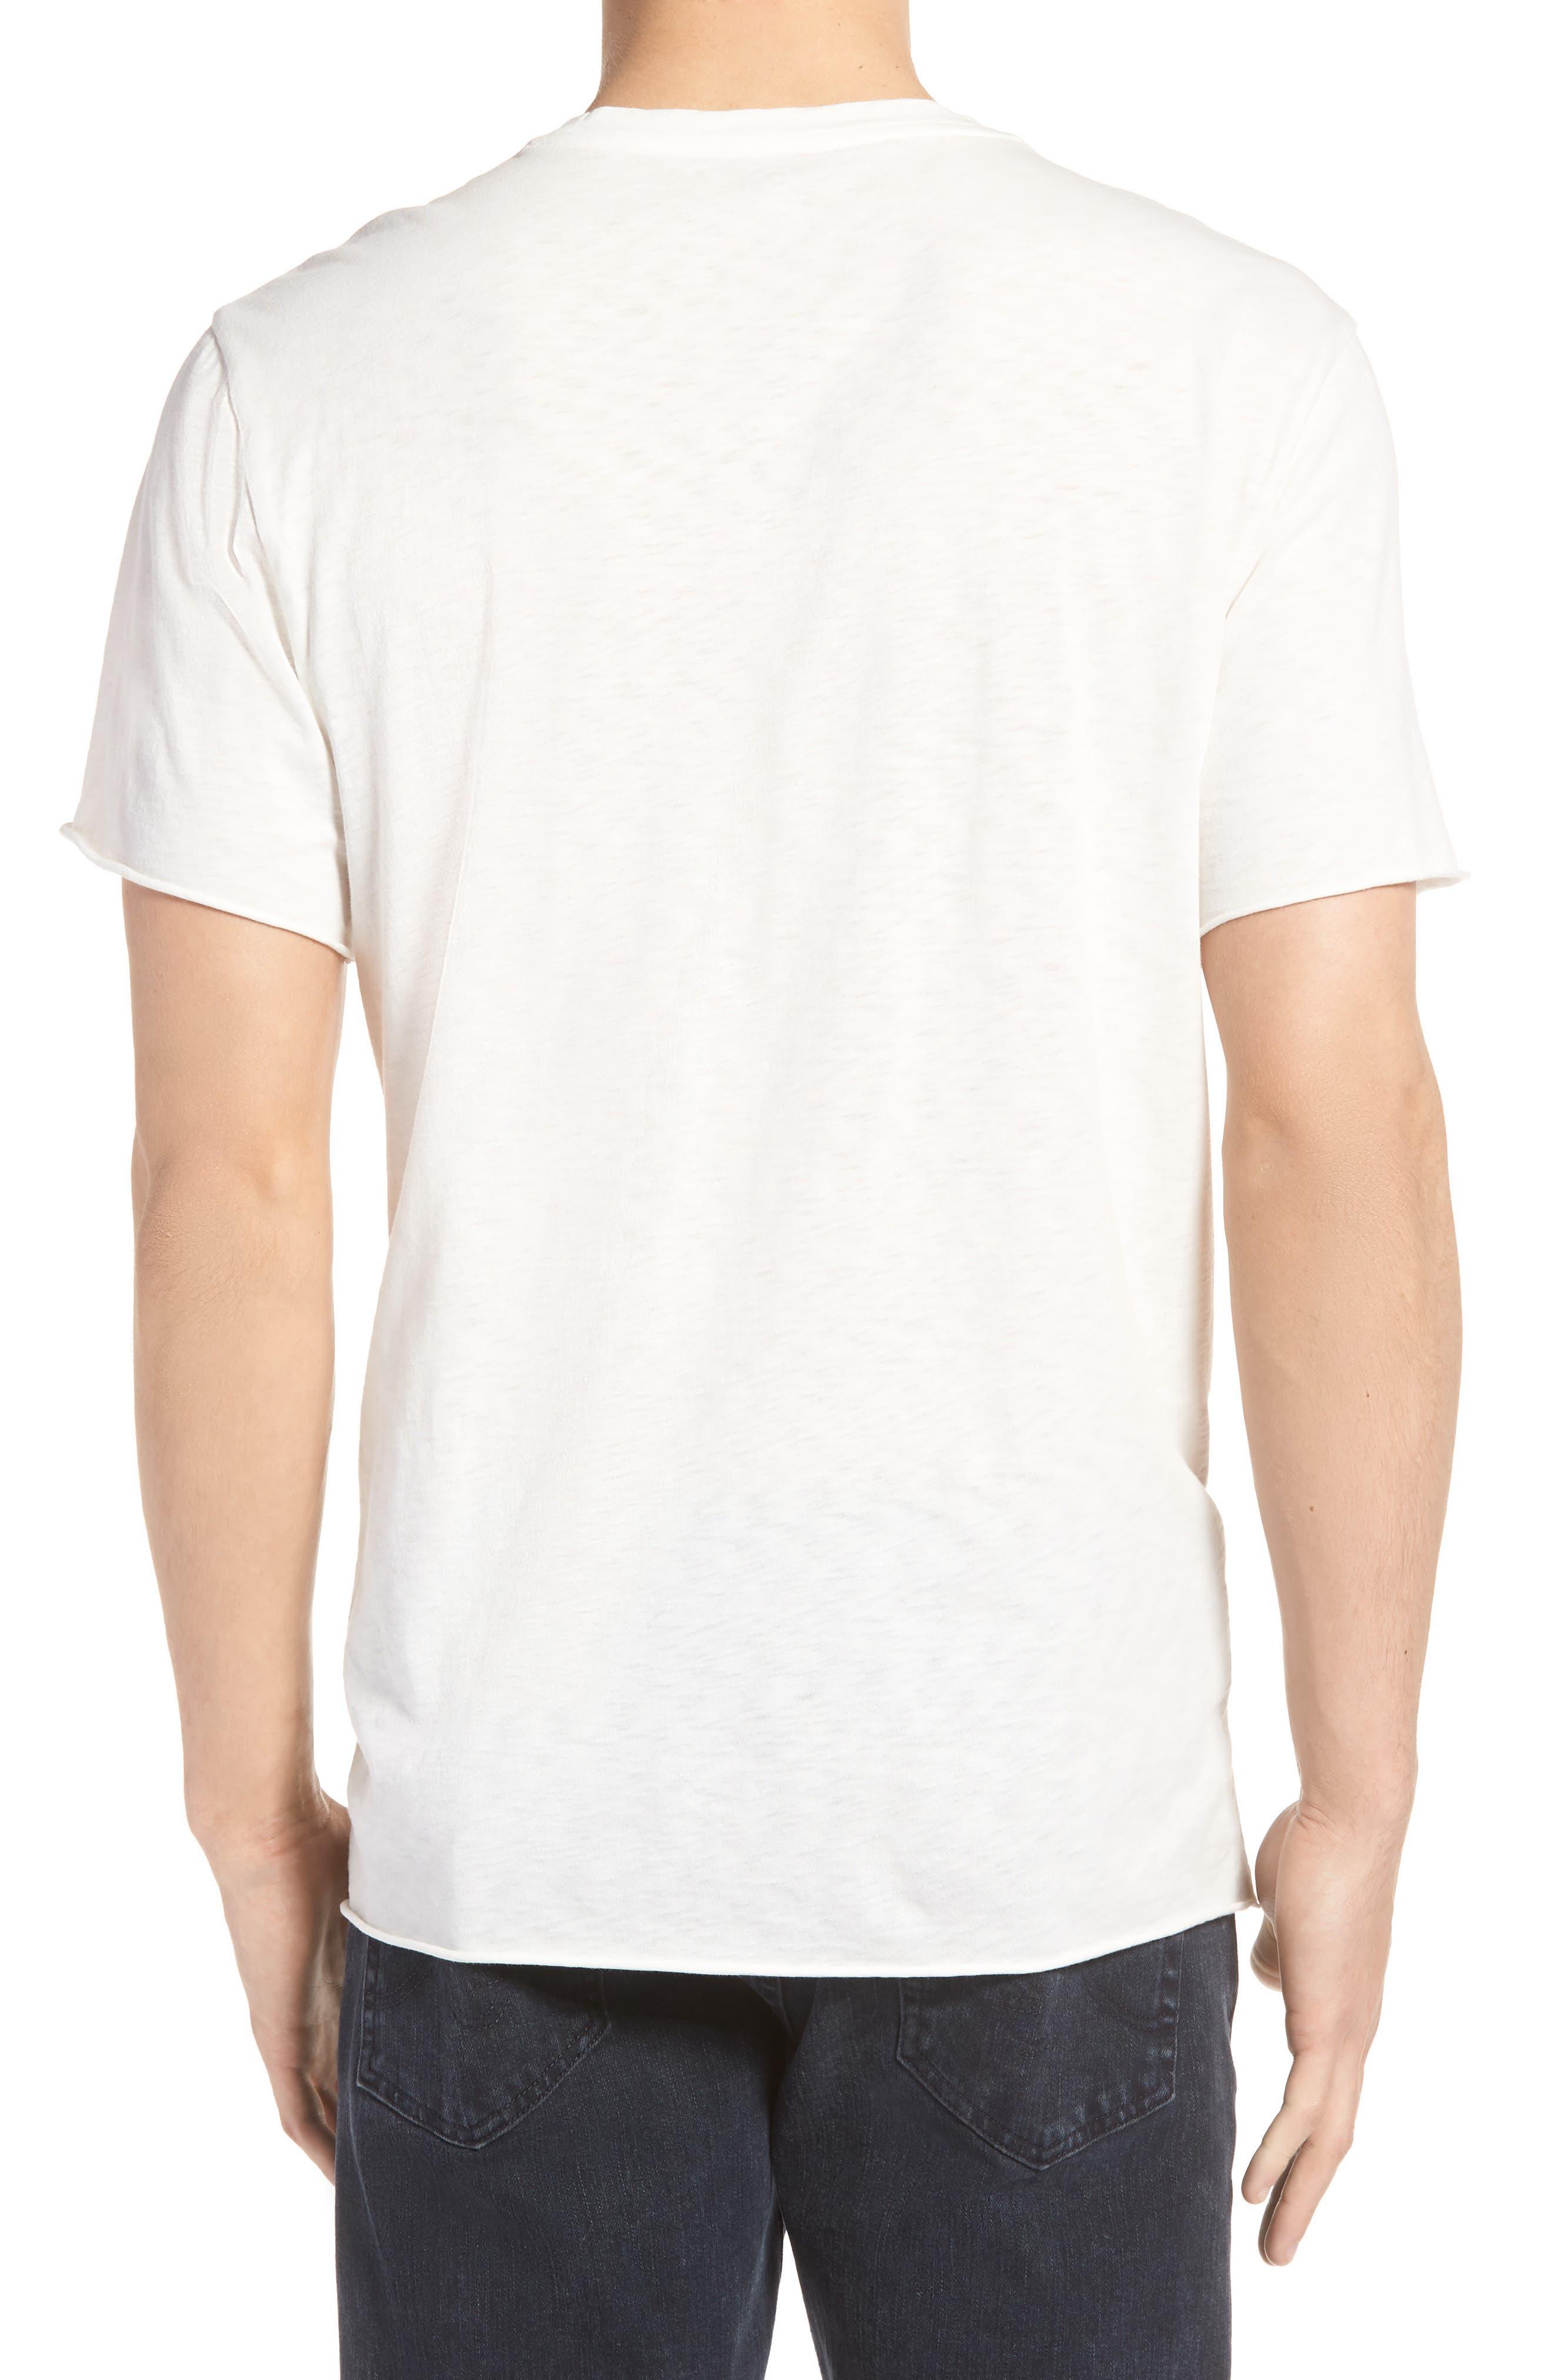 TREASURE & BOND,                             Rush Trim Fit T-Shirt,                             Alternate thumbnail 2, color,                             900